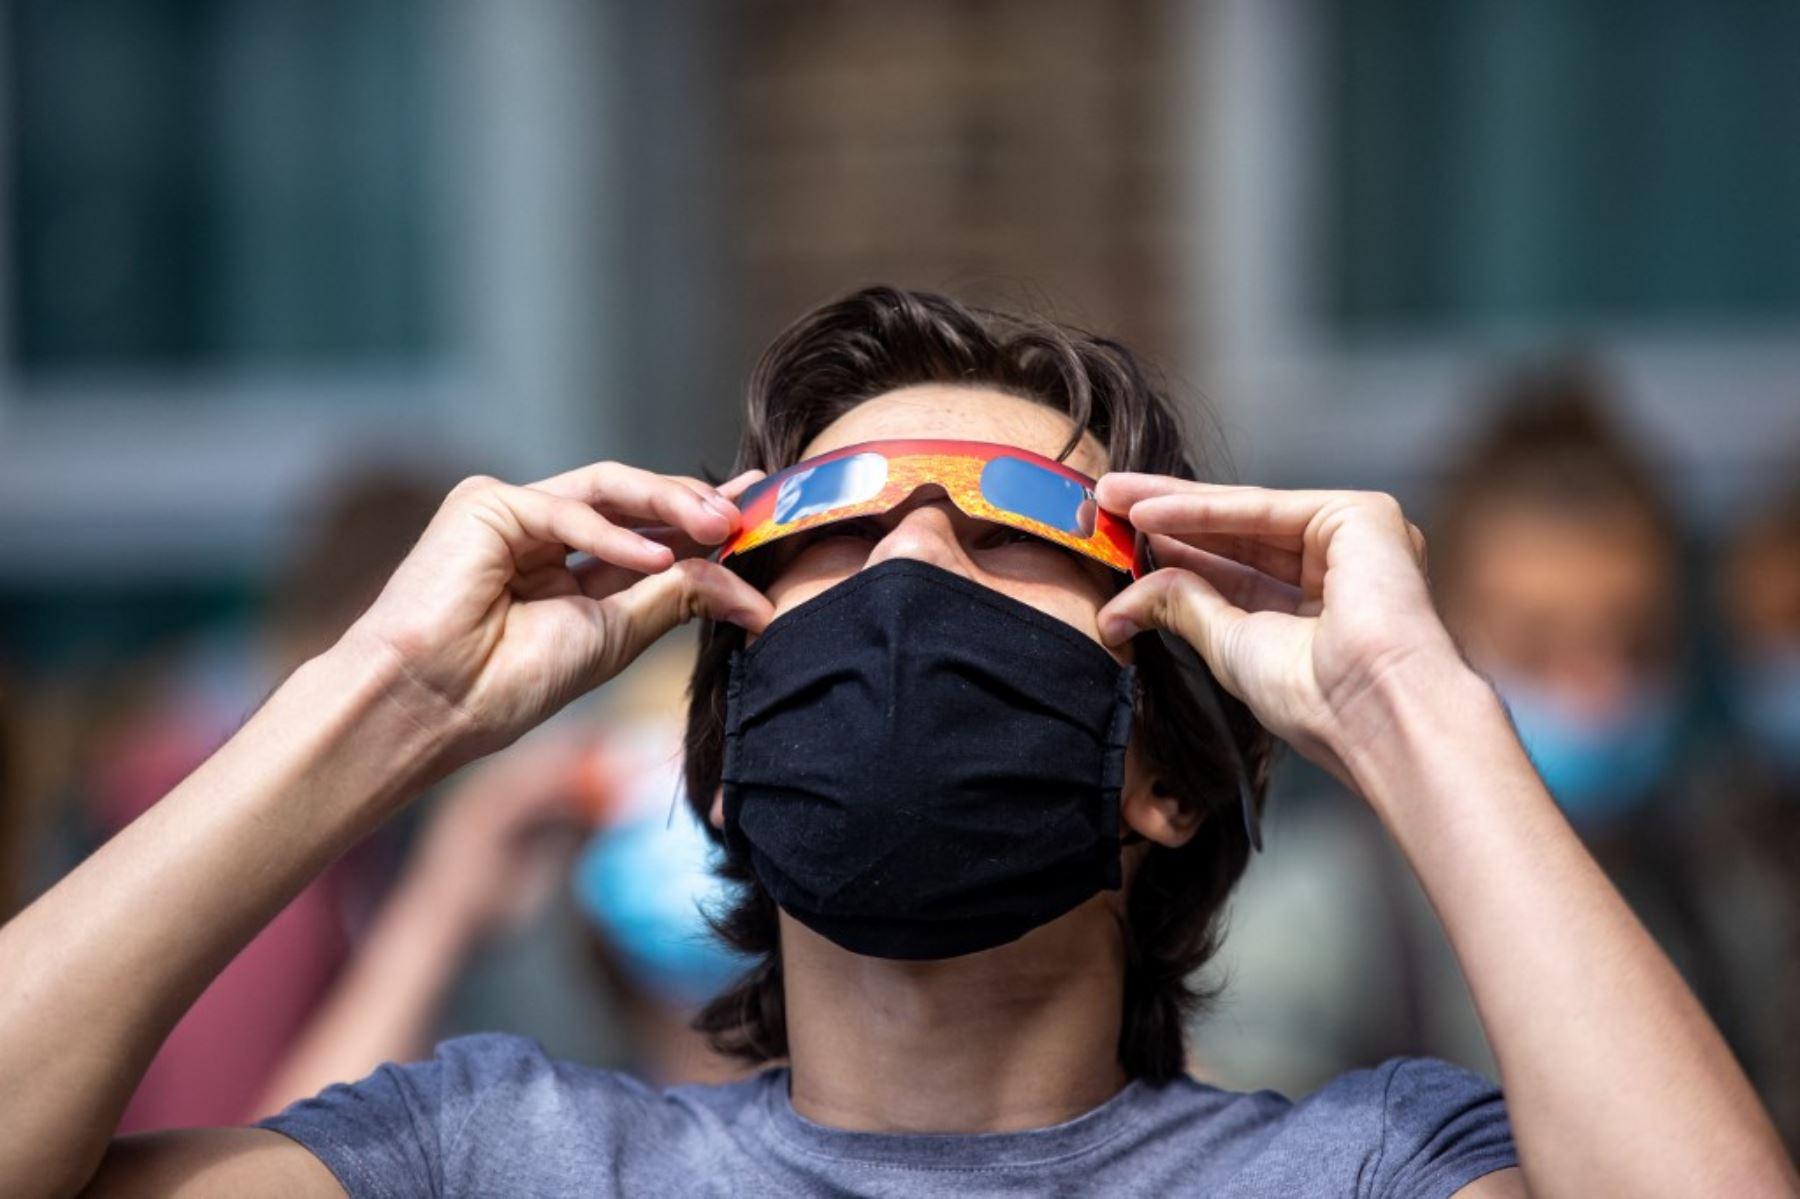 Los estudiantes de la Escuela Broeders observan un eclipse solar parcial, en Roeselare, el 10 de junio de 2021. Foto: AFP